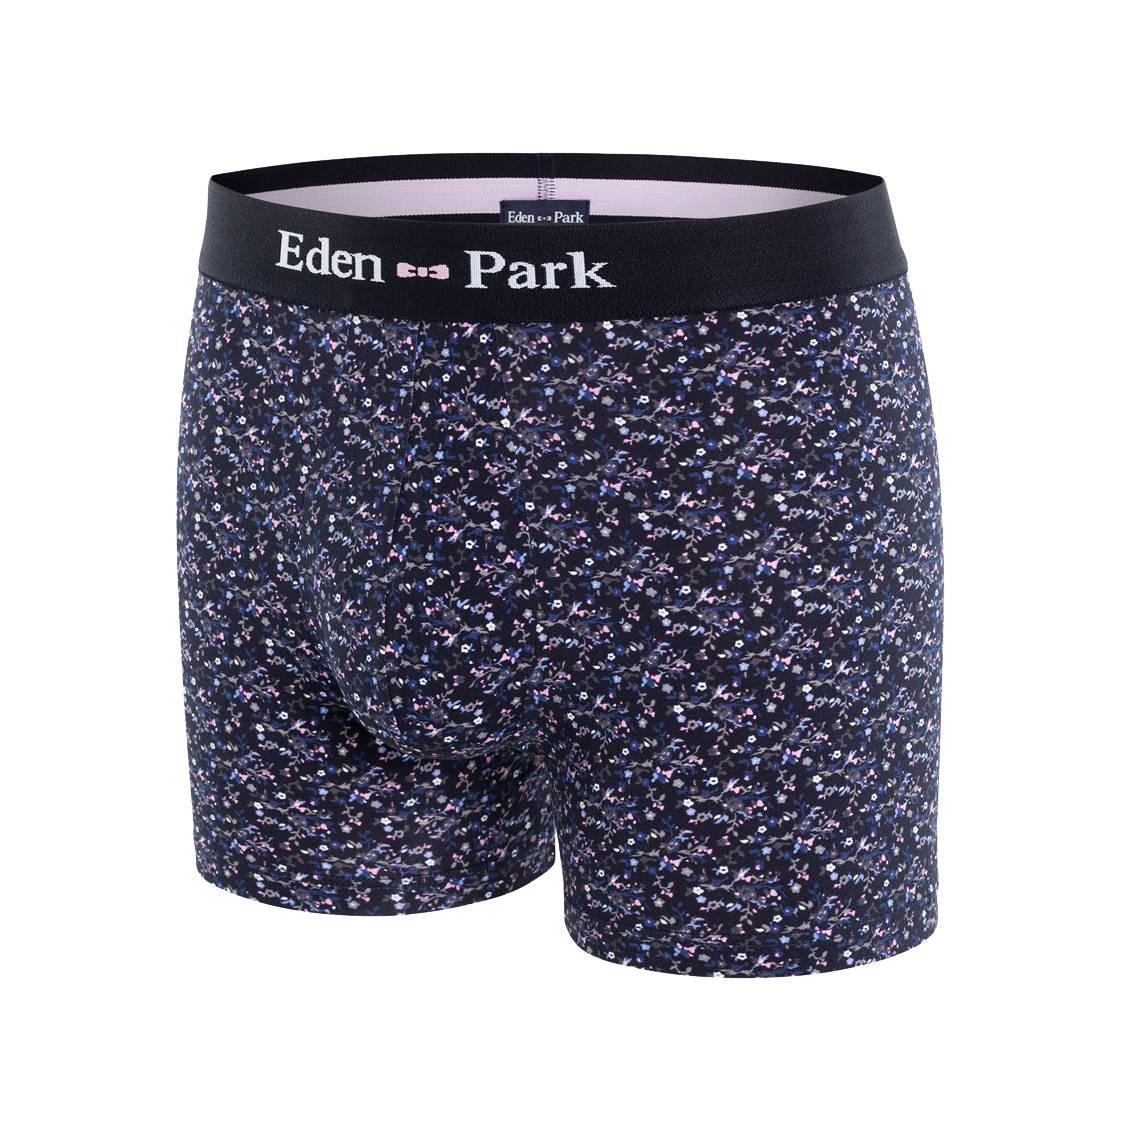 Boxer eden park en coton stretch noir à imprimé floral multicolore